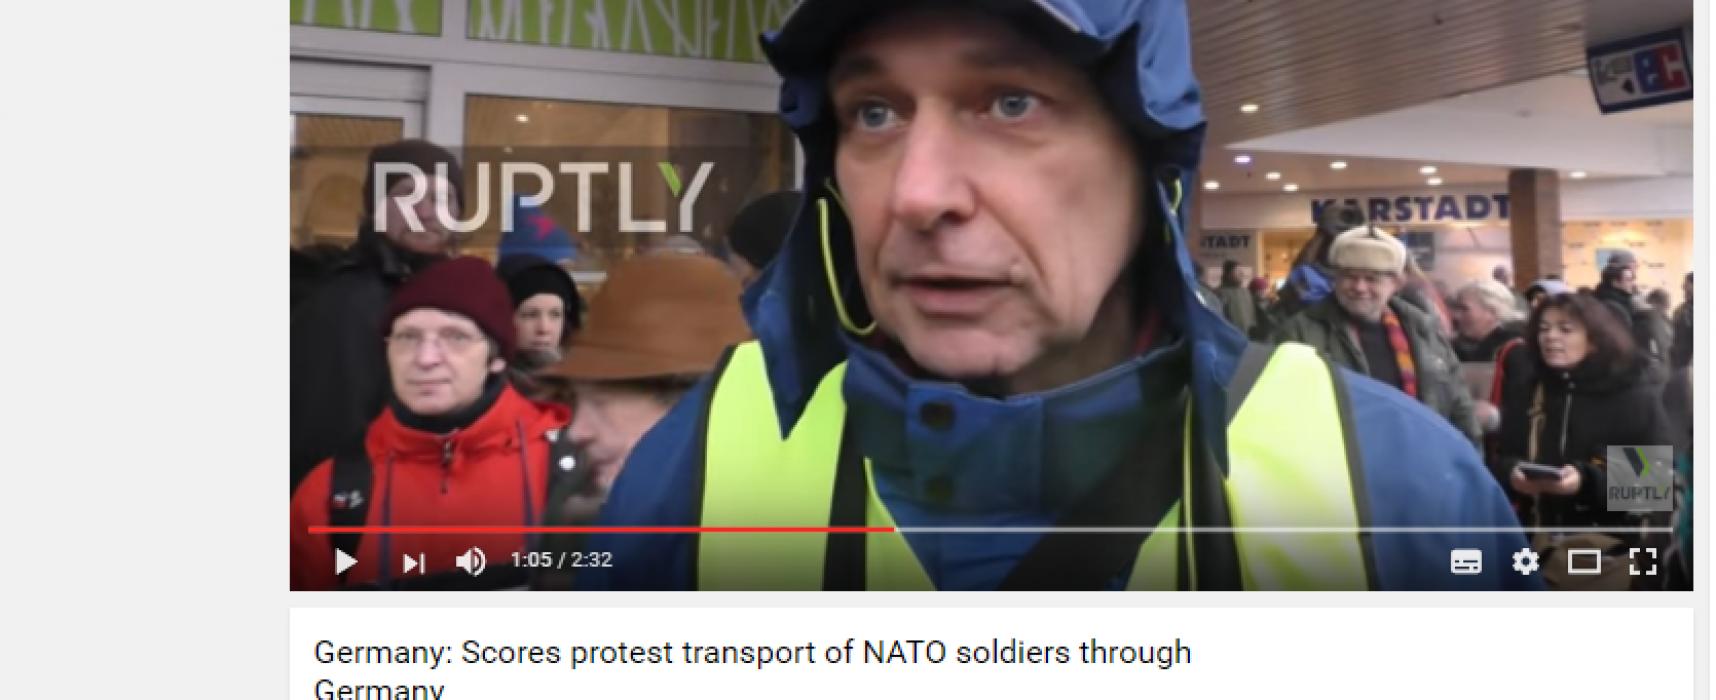 Фейк: тысячи жителей Германии вышли на протест против НАТО